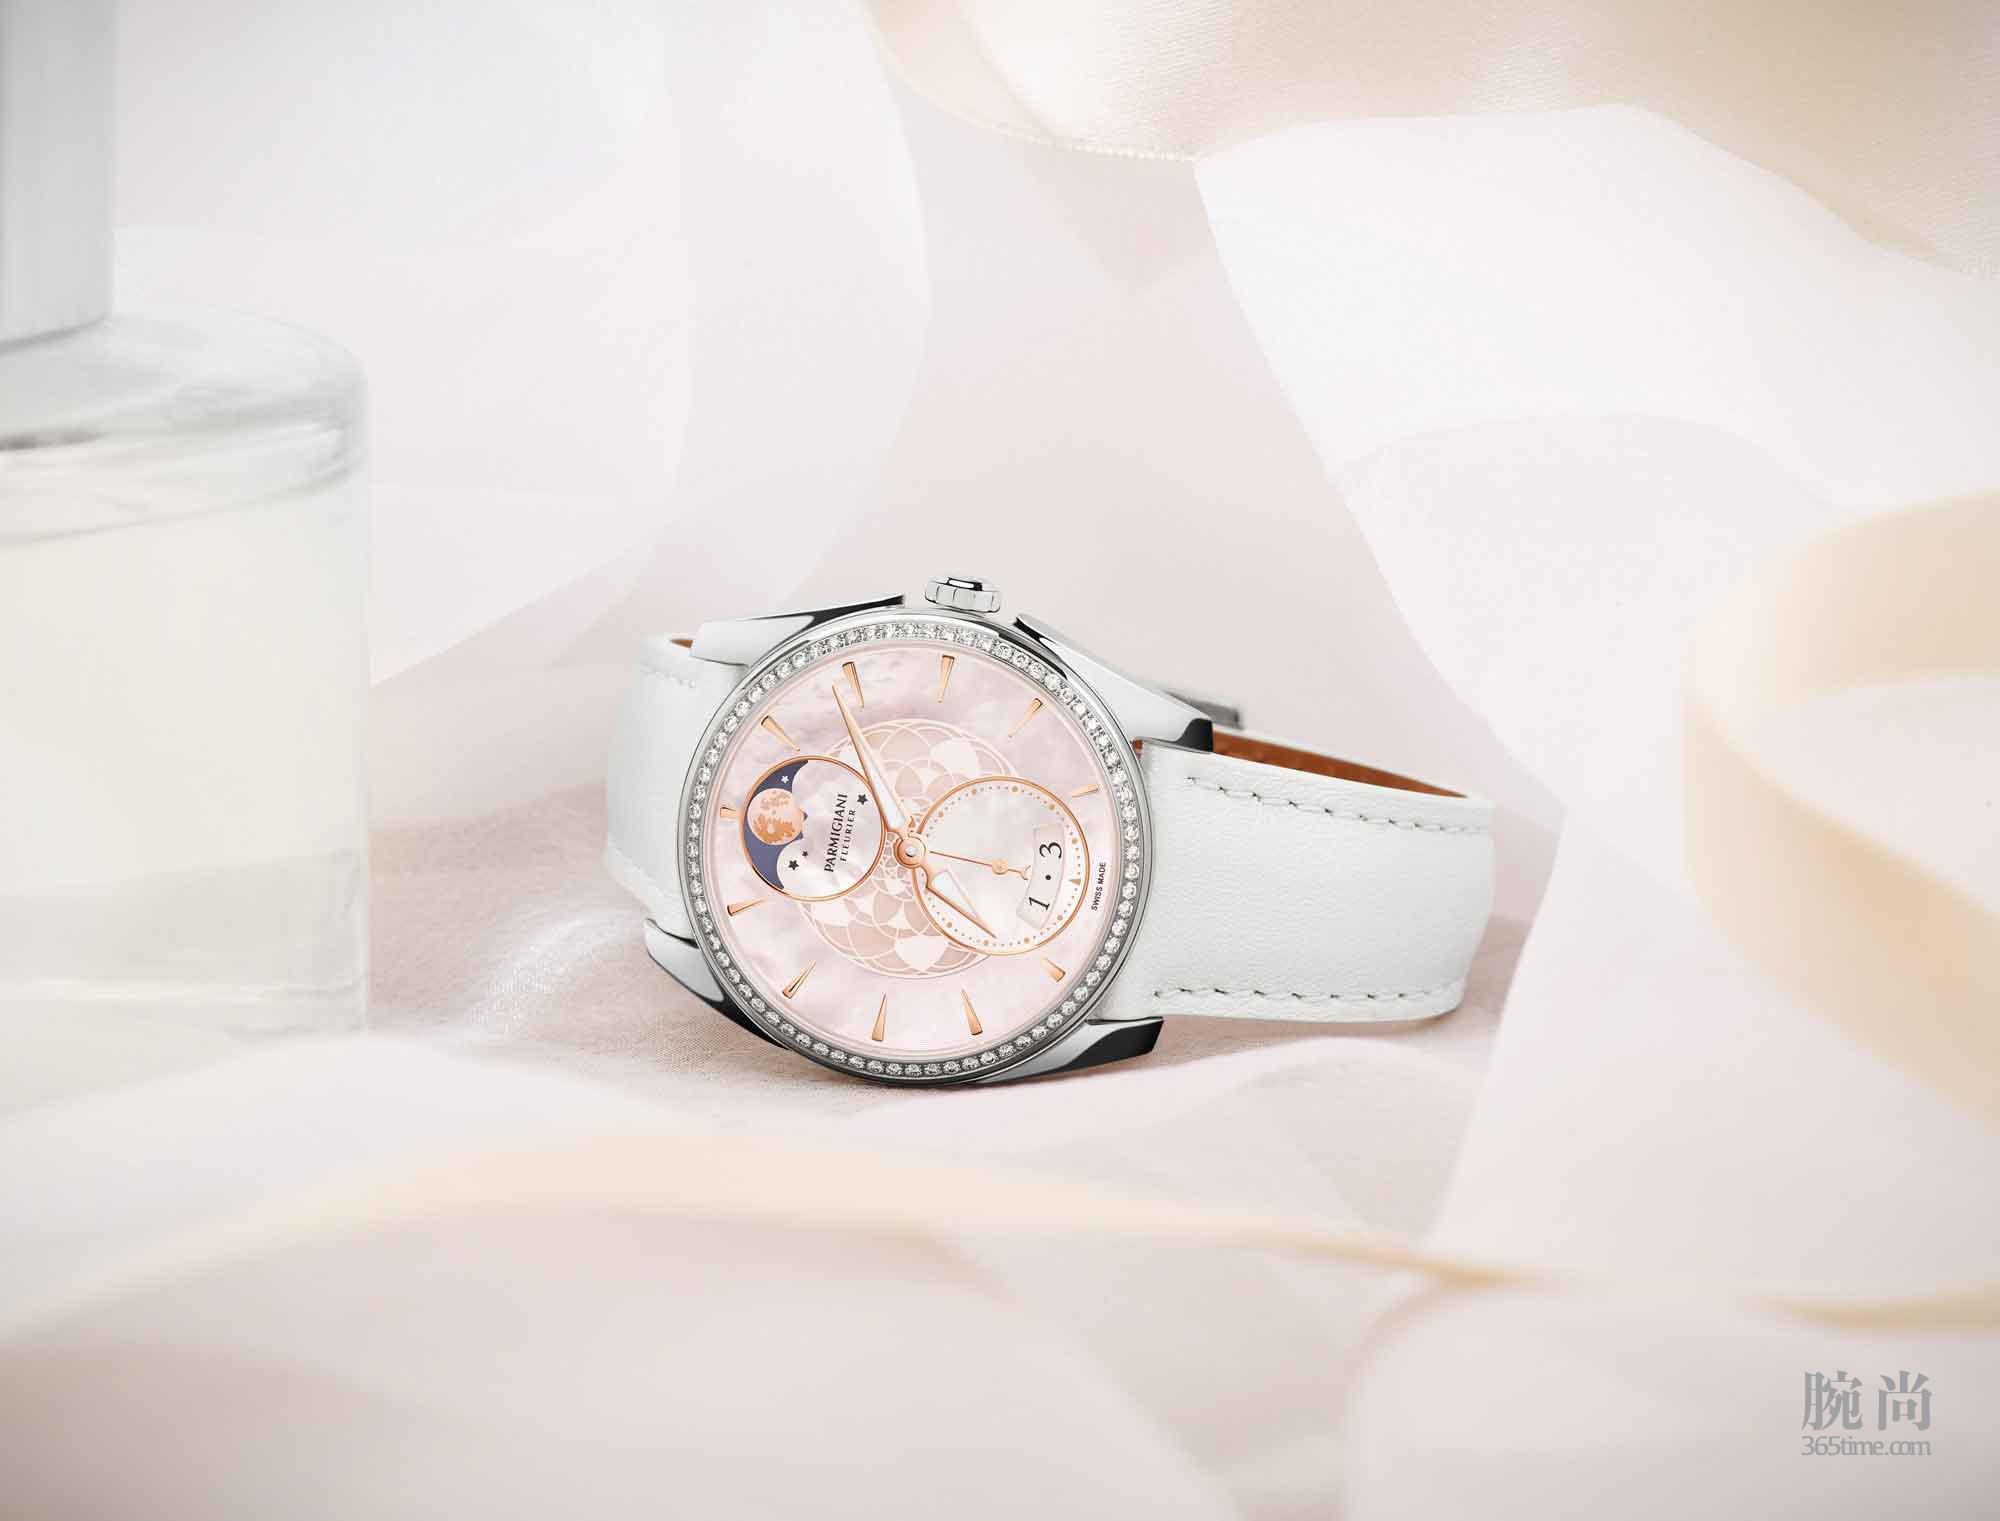 帕玛强尼Tonda-Métropolitaine-Sélène腕表在白色情人节献给爱情中的她.jpg